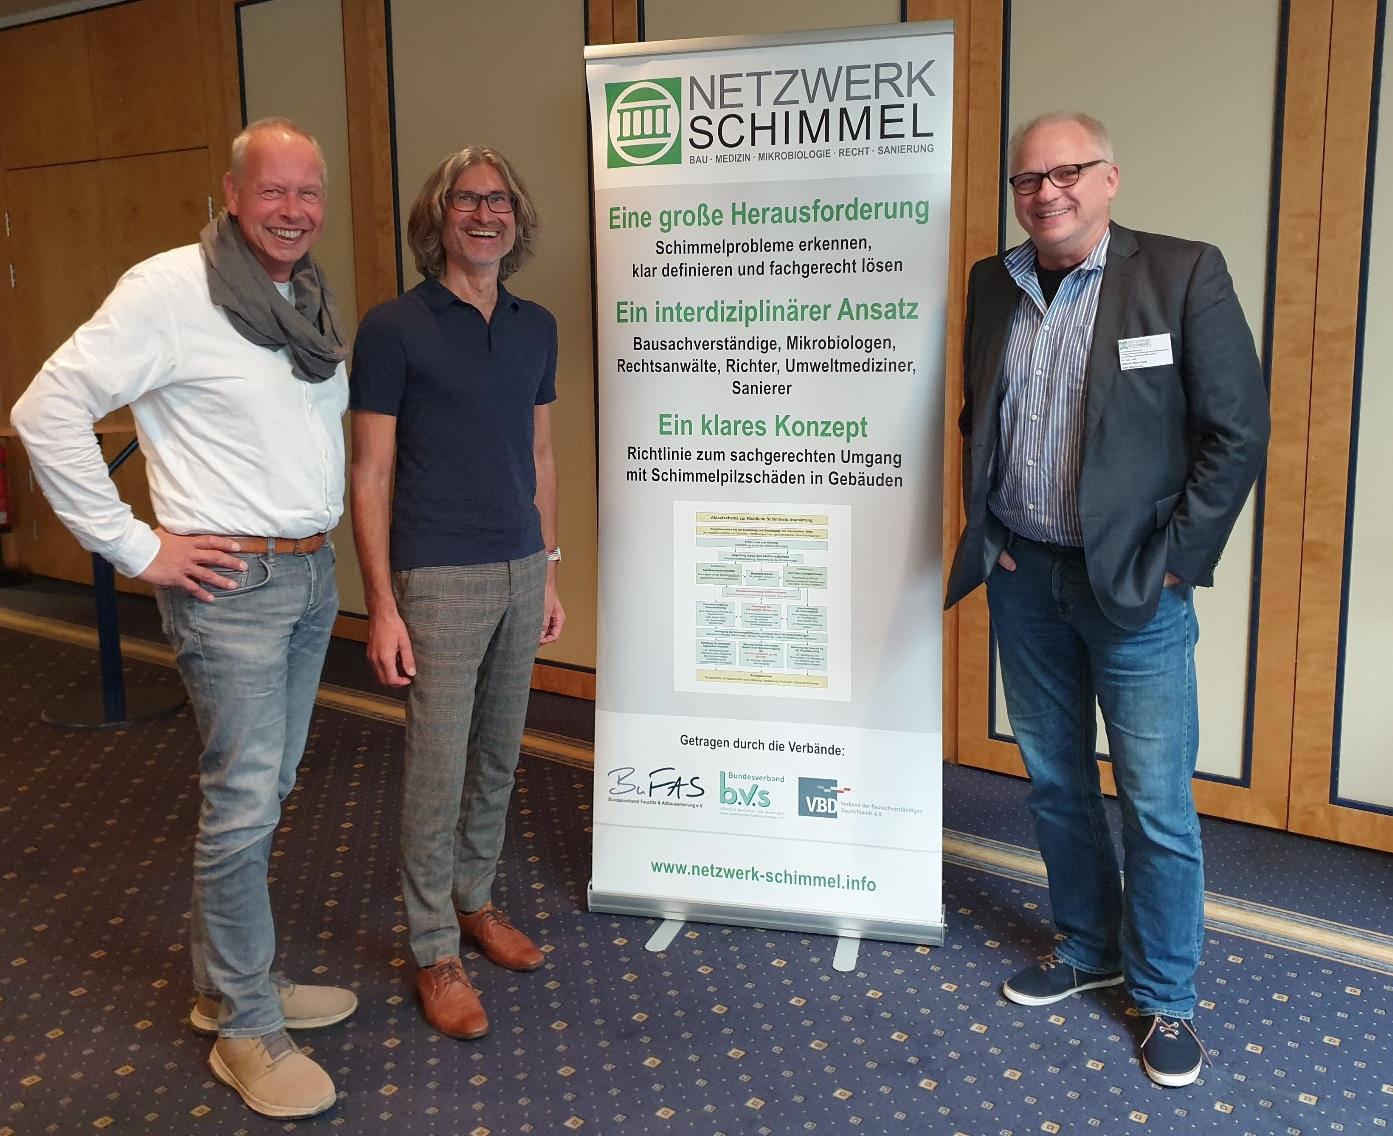 Rückblick auf die 8. Impulsveranstaltung des Netzwerk Schimmel e.V. vom 24. September 2021 in Göttingen